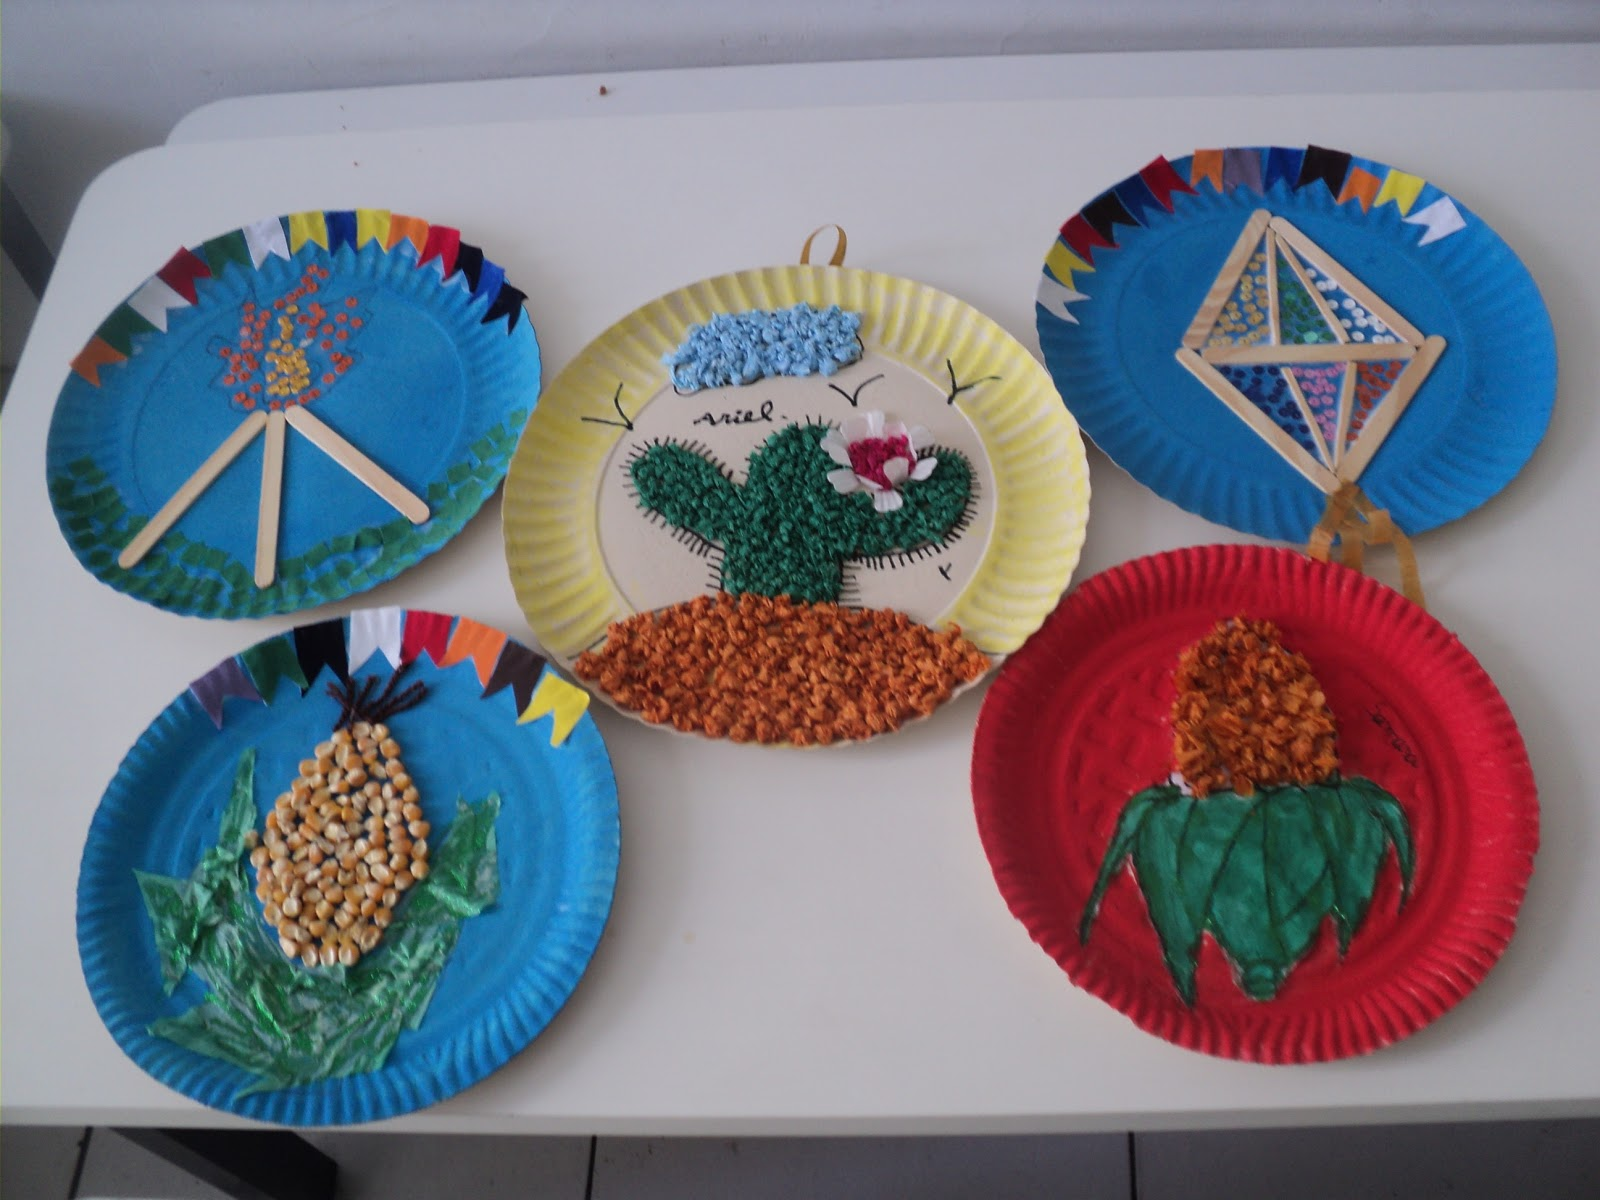 O Que Mais Vende Em Artesanato ~ Tathi sonho artesanato na escola, pratos decorados, decoraç u00e3o junina